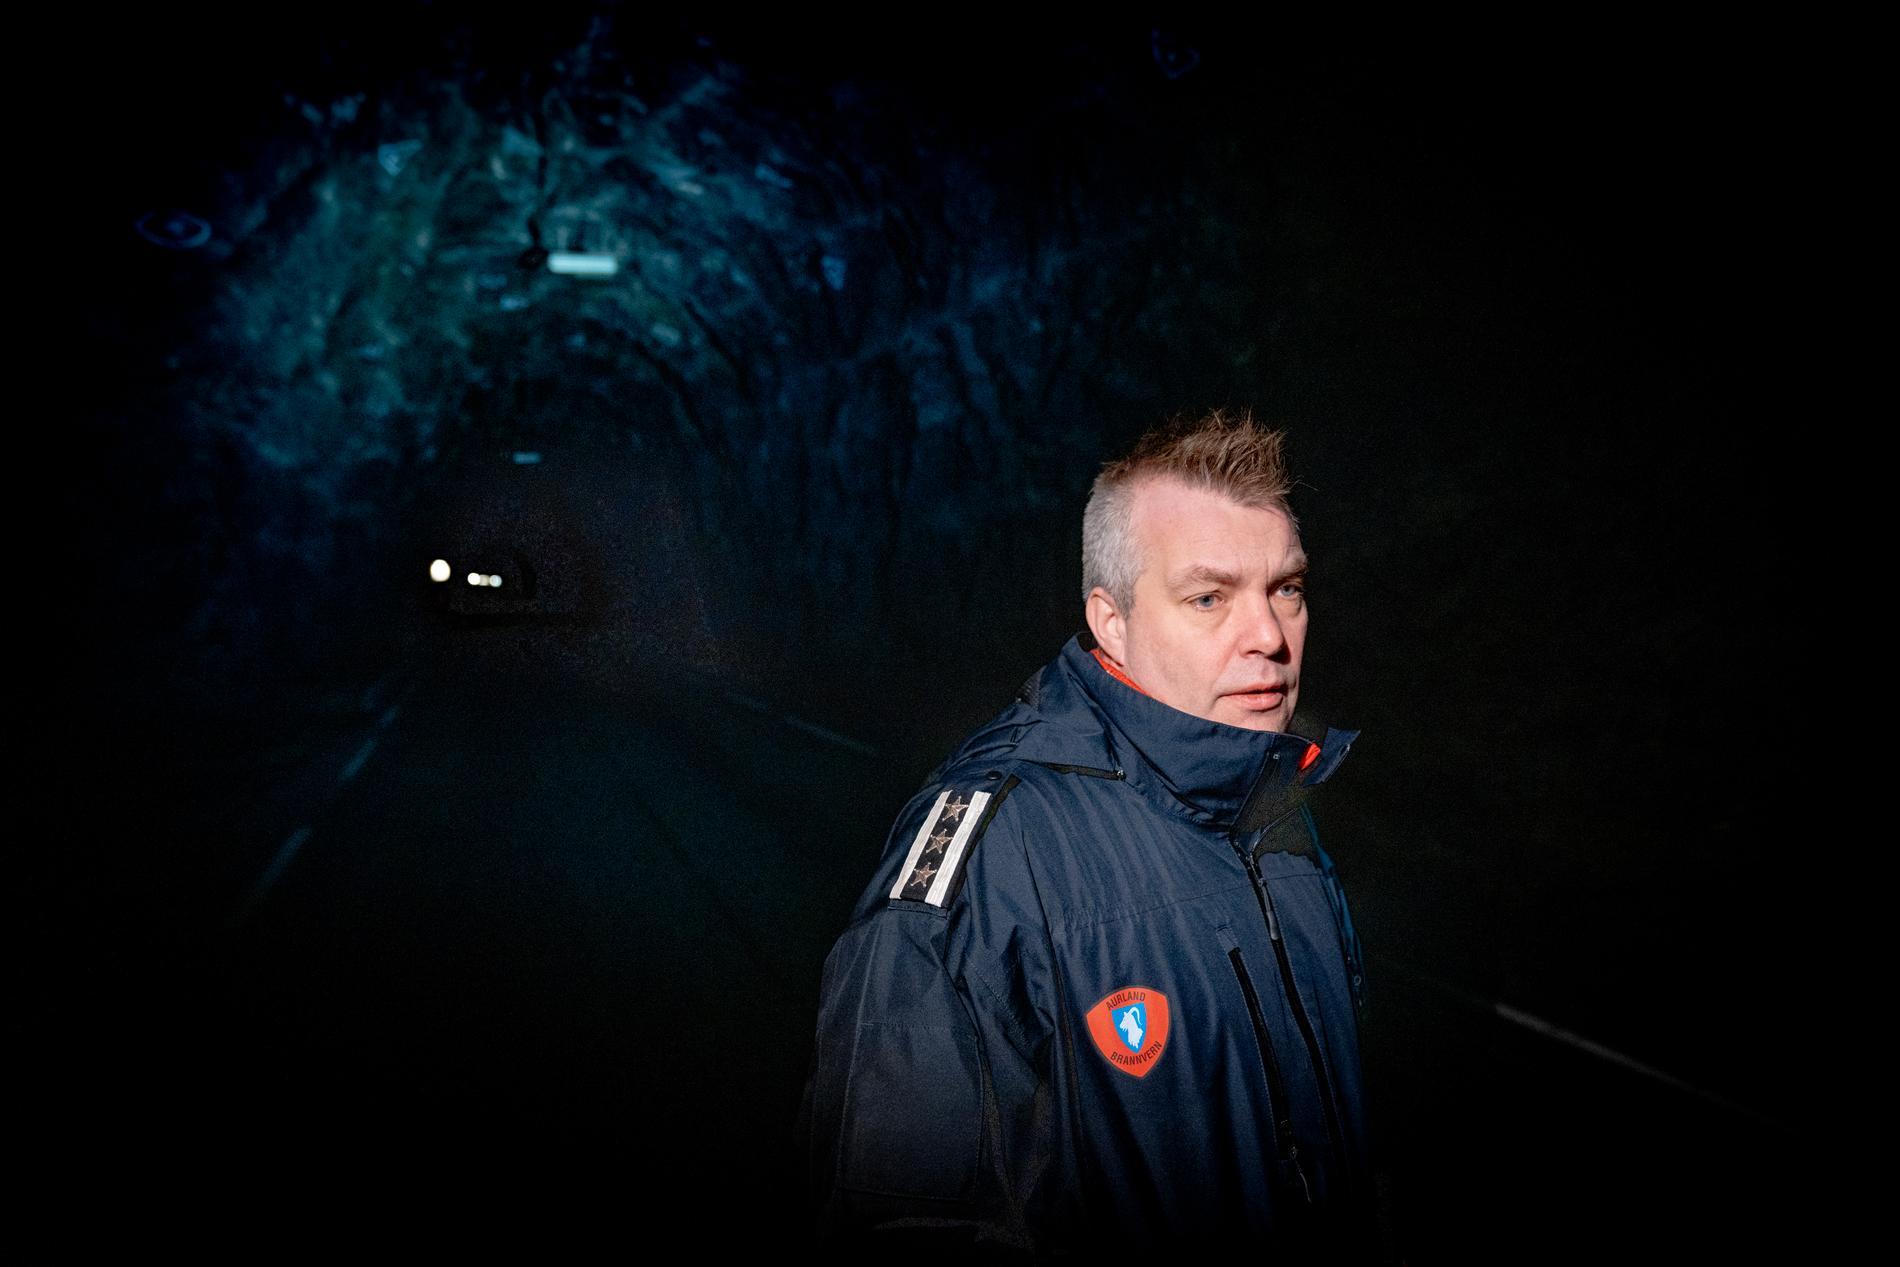 Reinhard Sørensen inne i en helt mørklagt tunnel.